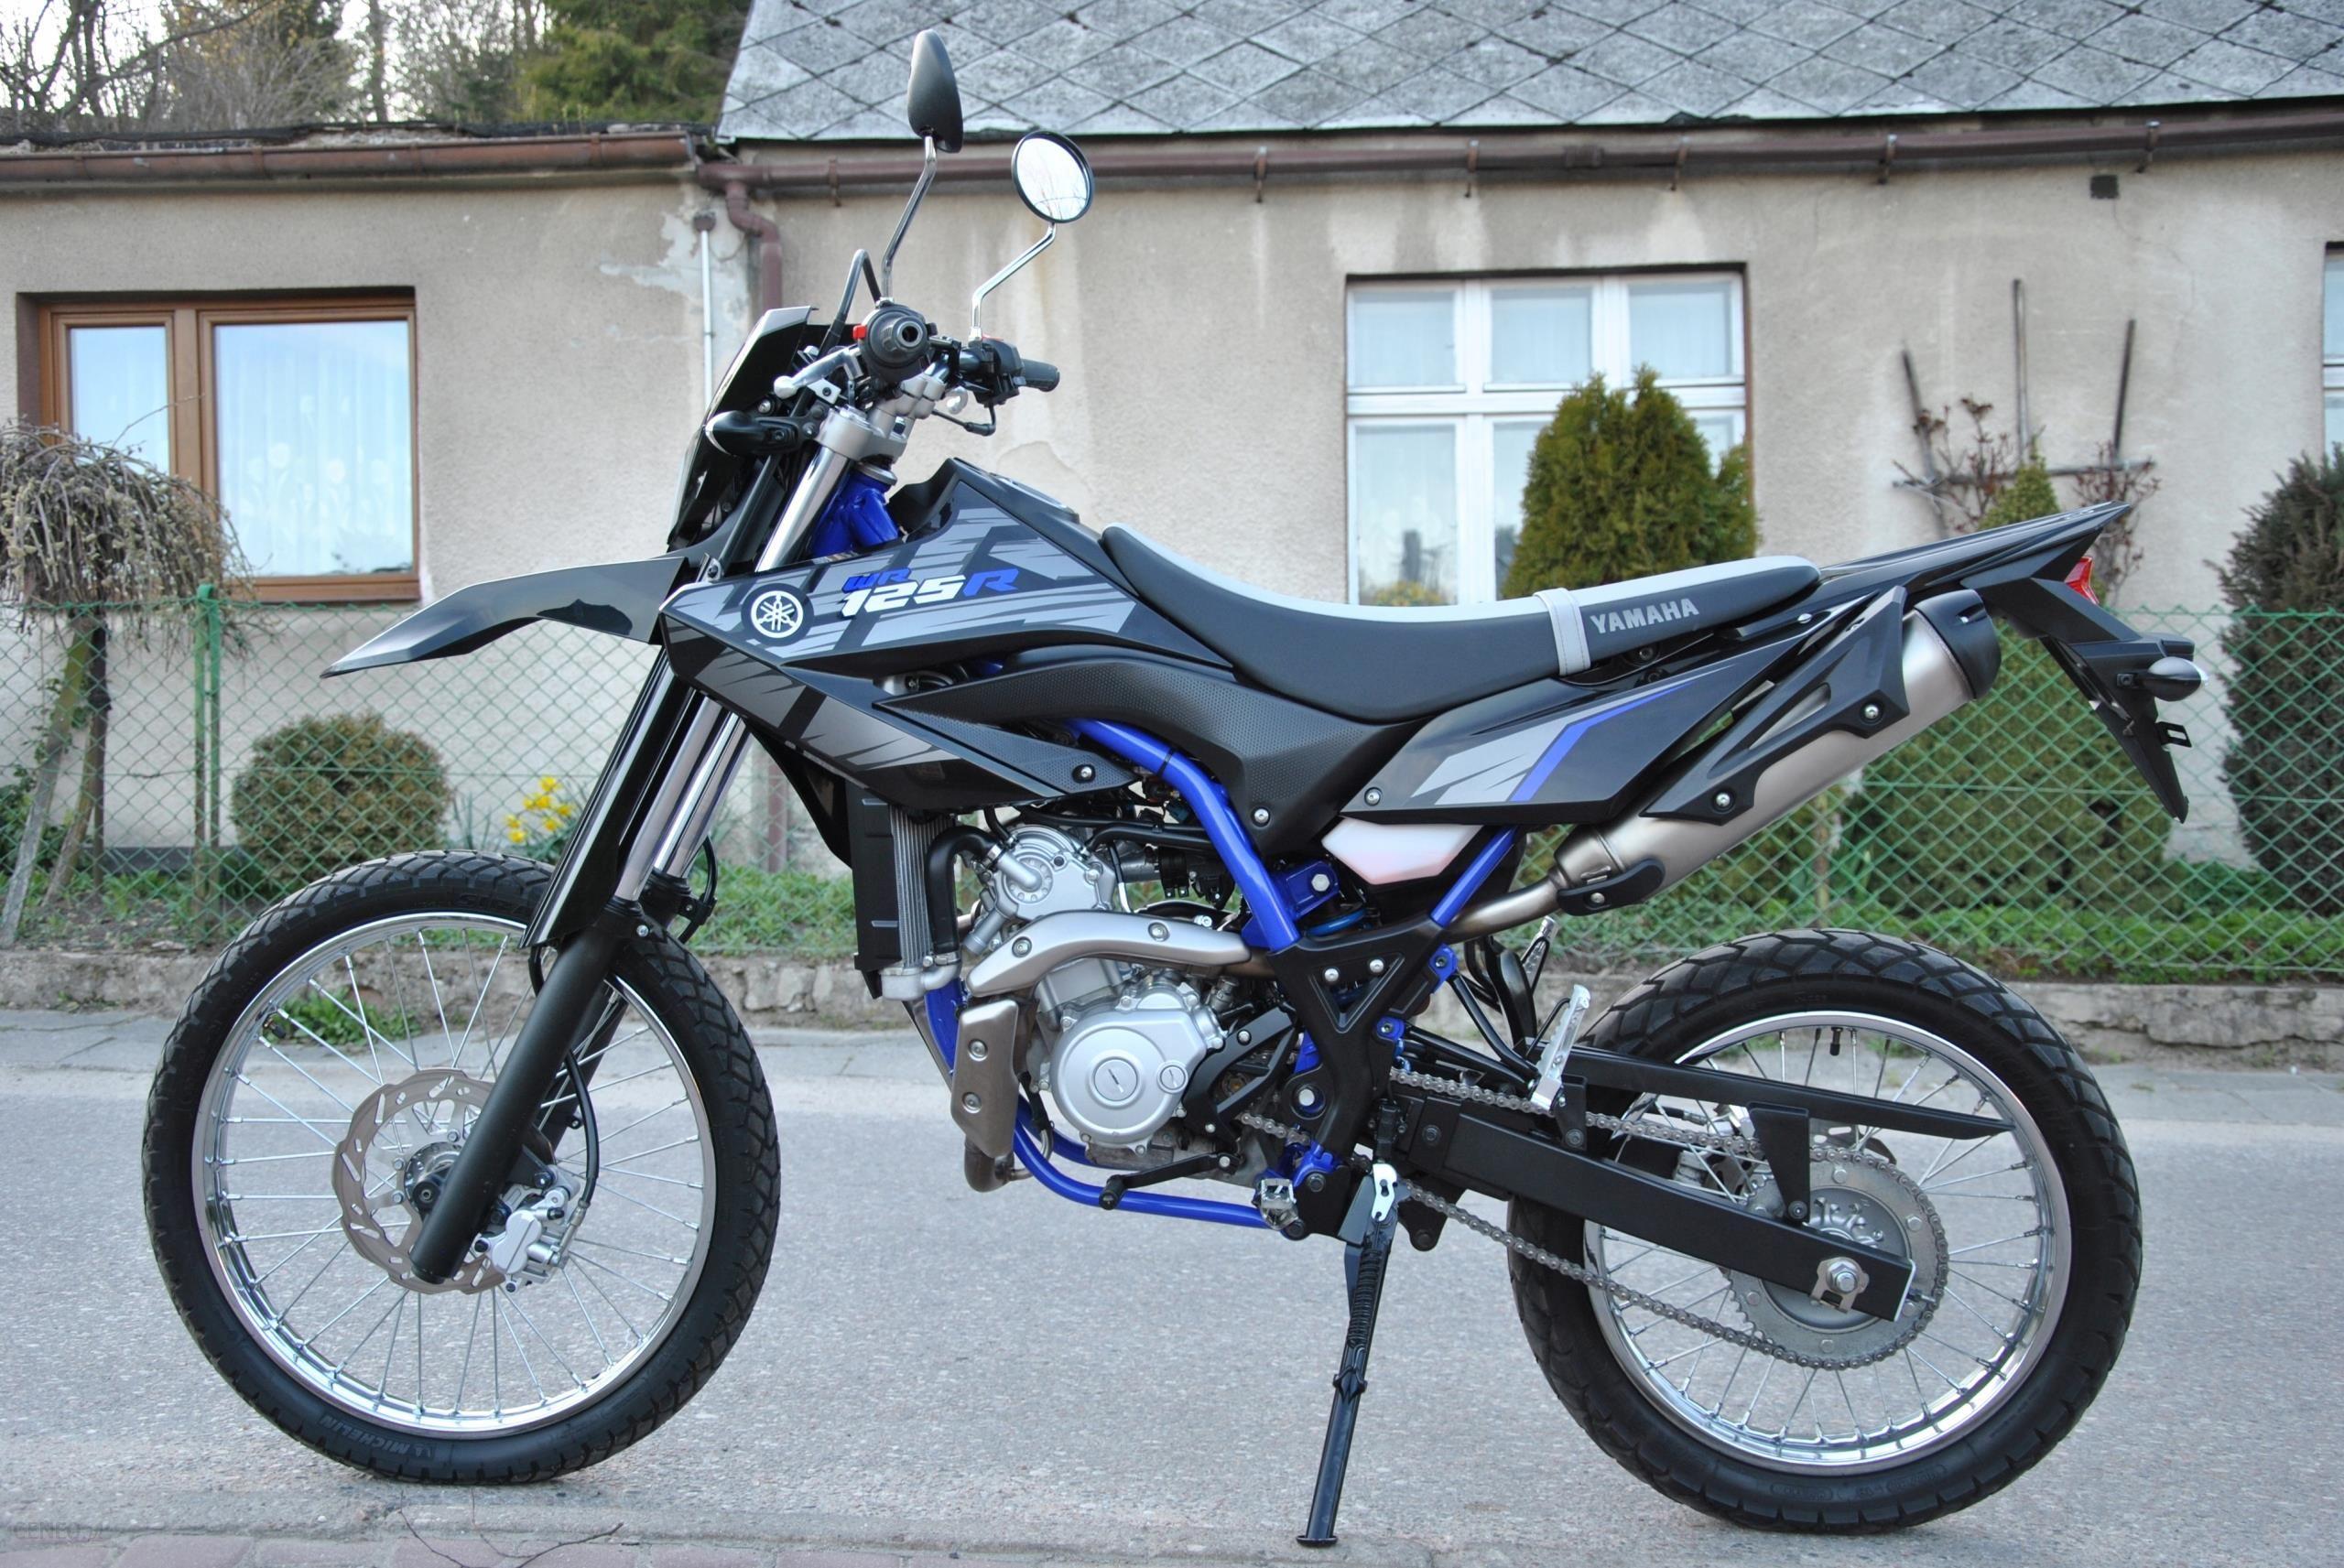 Yamaha Wr 125 15r Pl Wzorowy 5tys Km Opinie I Ceny Na Ceneo Pl